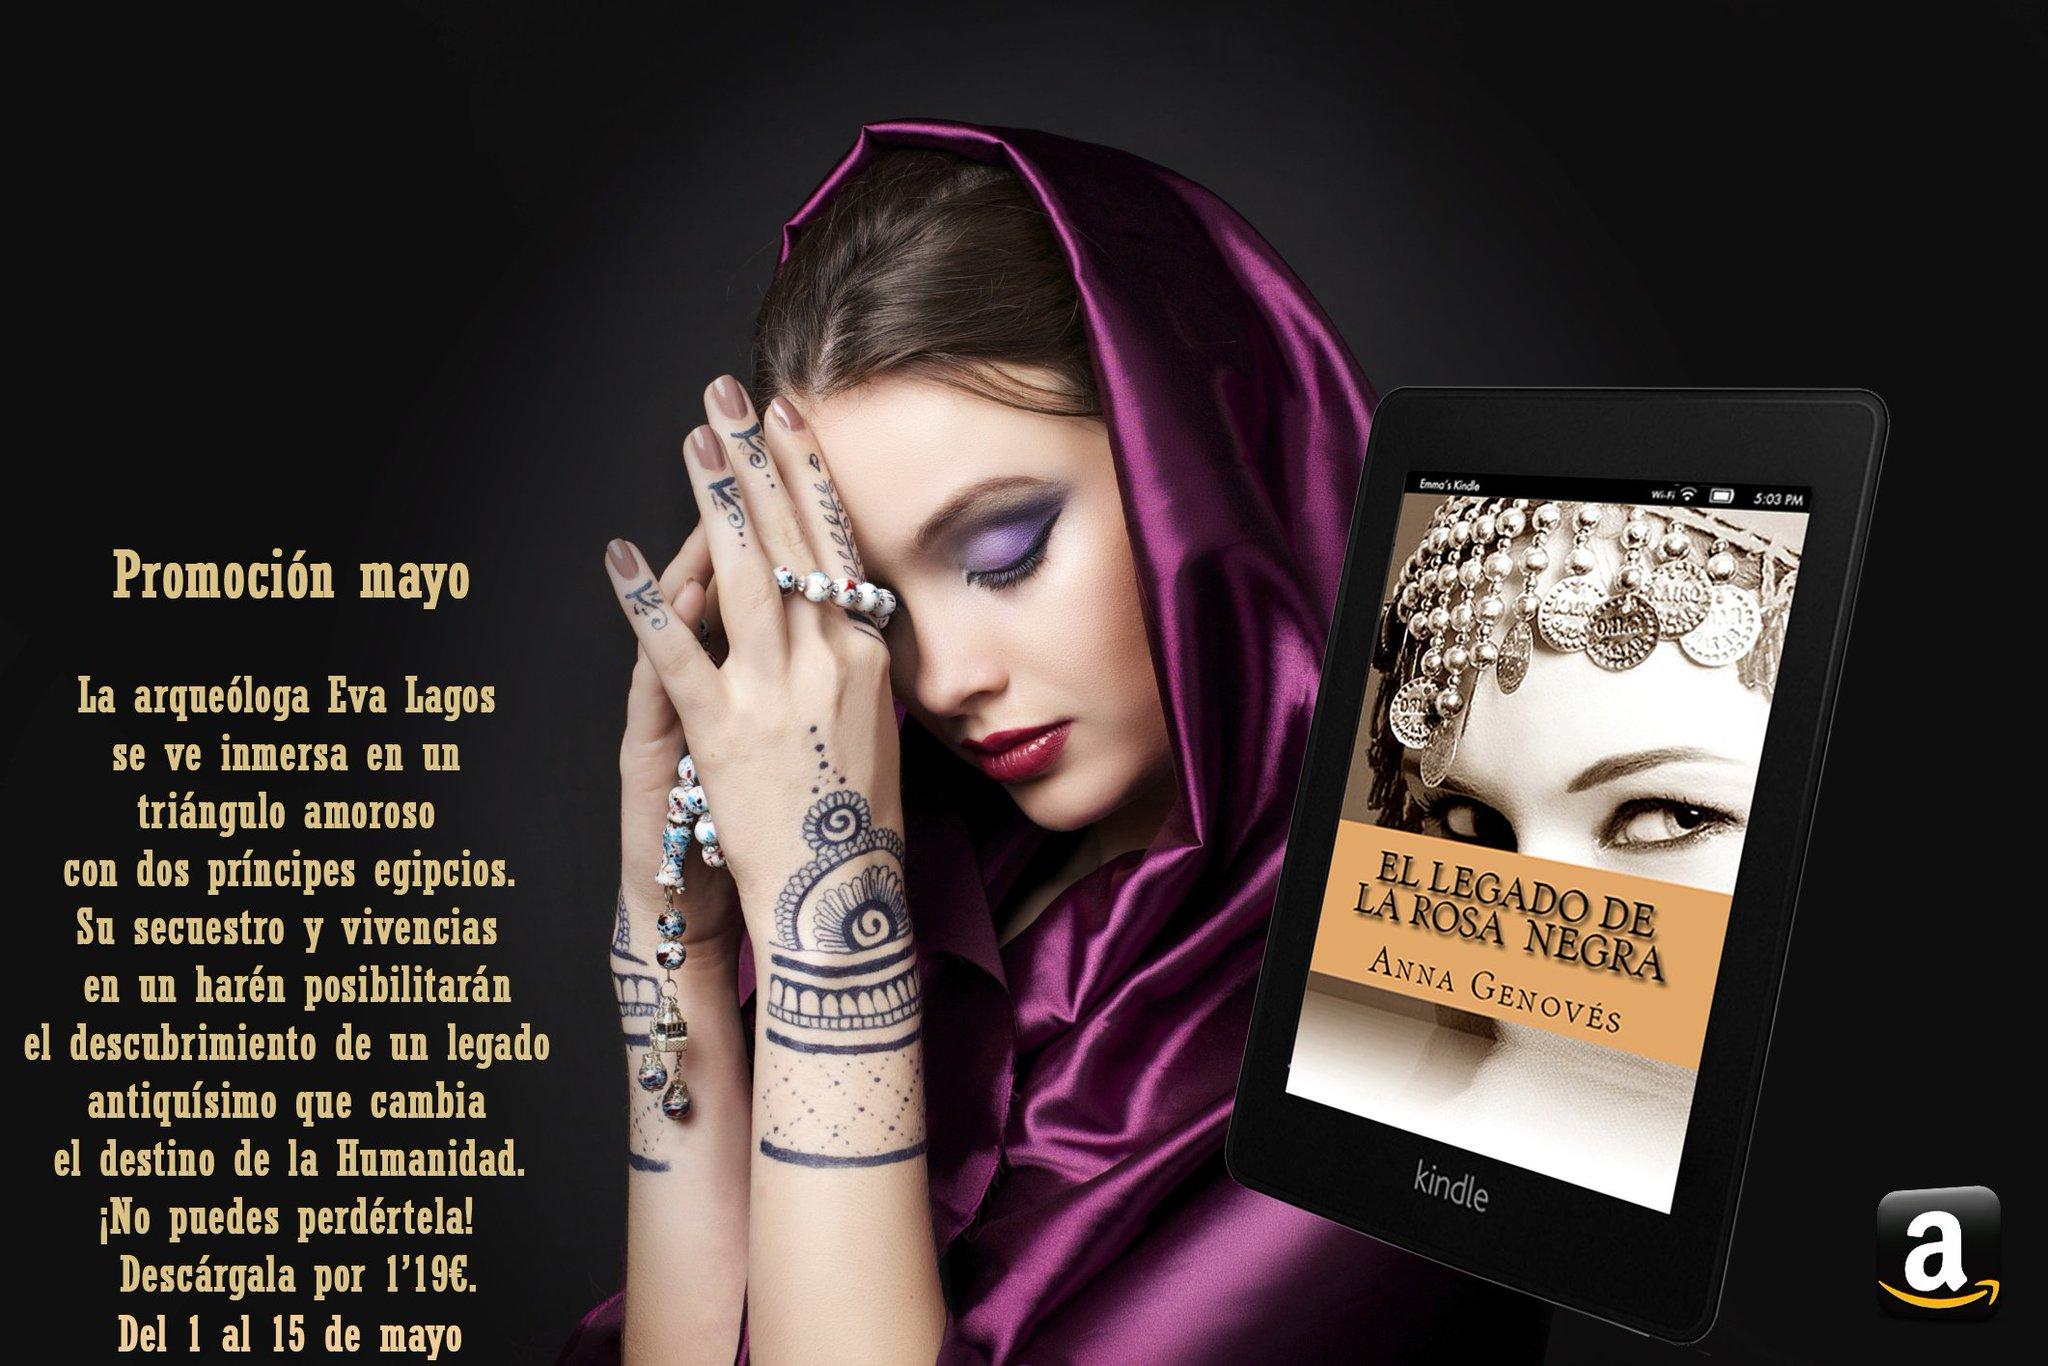 Hasta el día 15 de mayo puedes descargar por 1'19€ la novela 'El legado de la rosa'. https://t.co/4xXu3lAgQE https://t.co/ERxzceo3dh